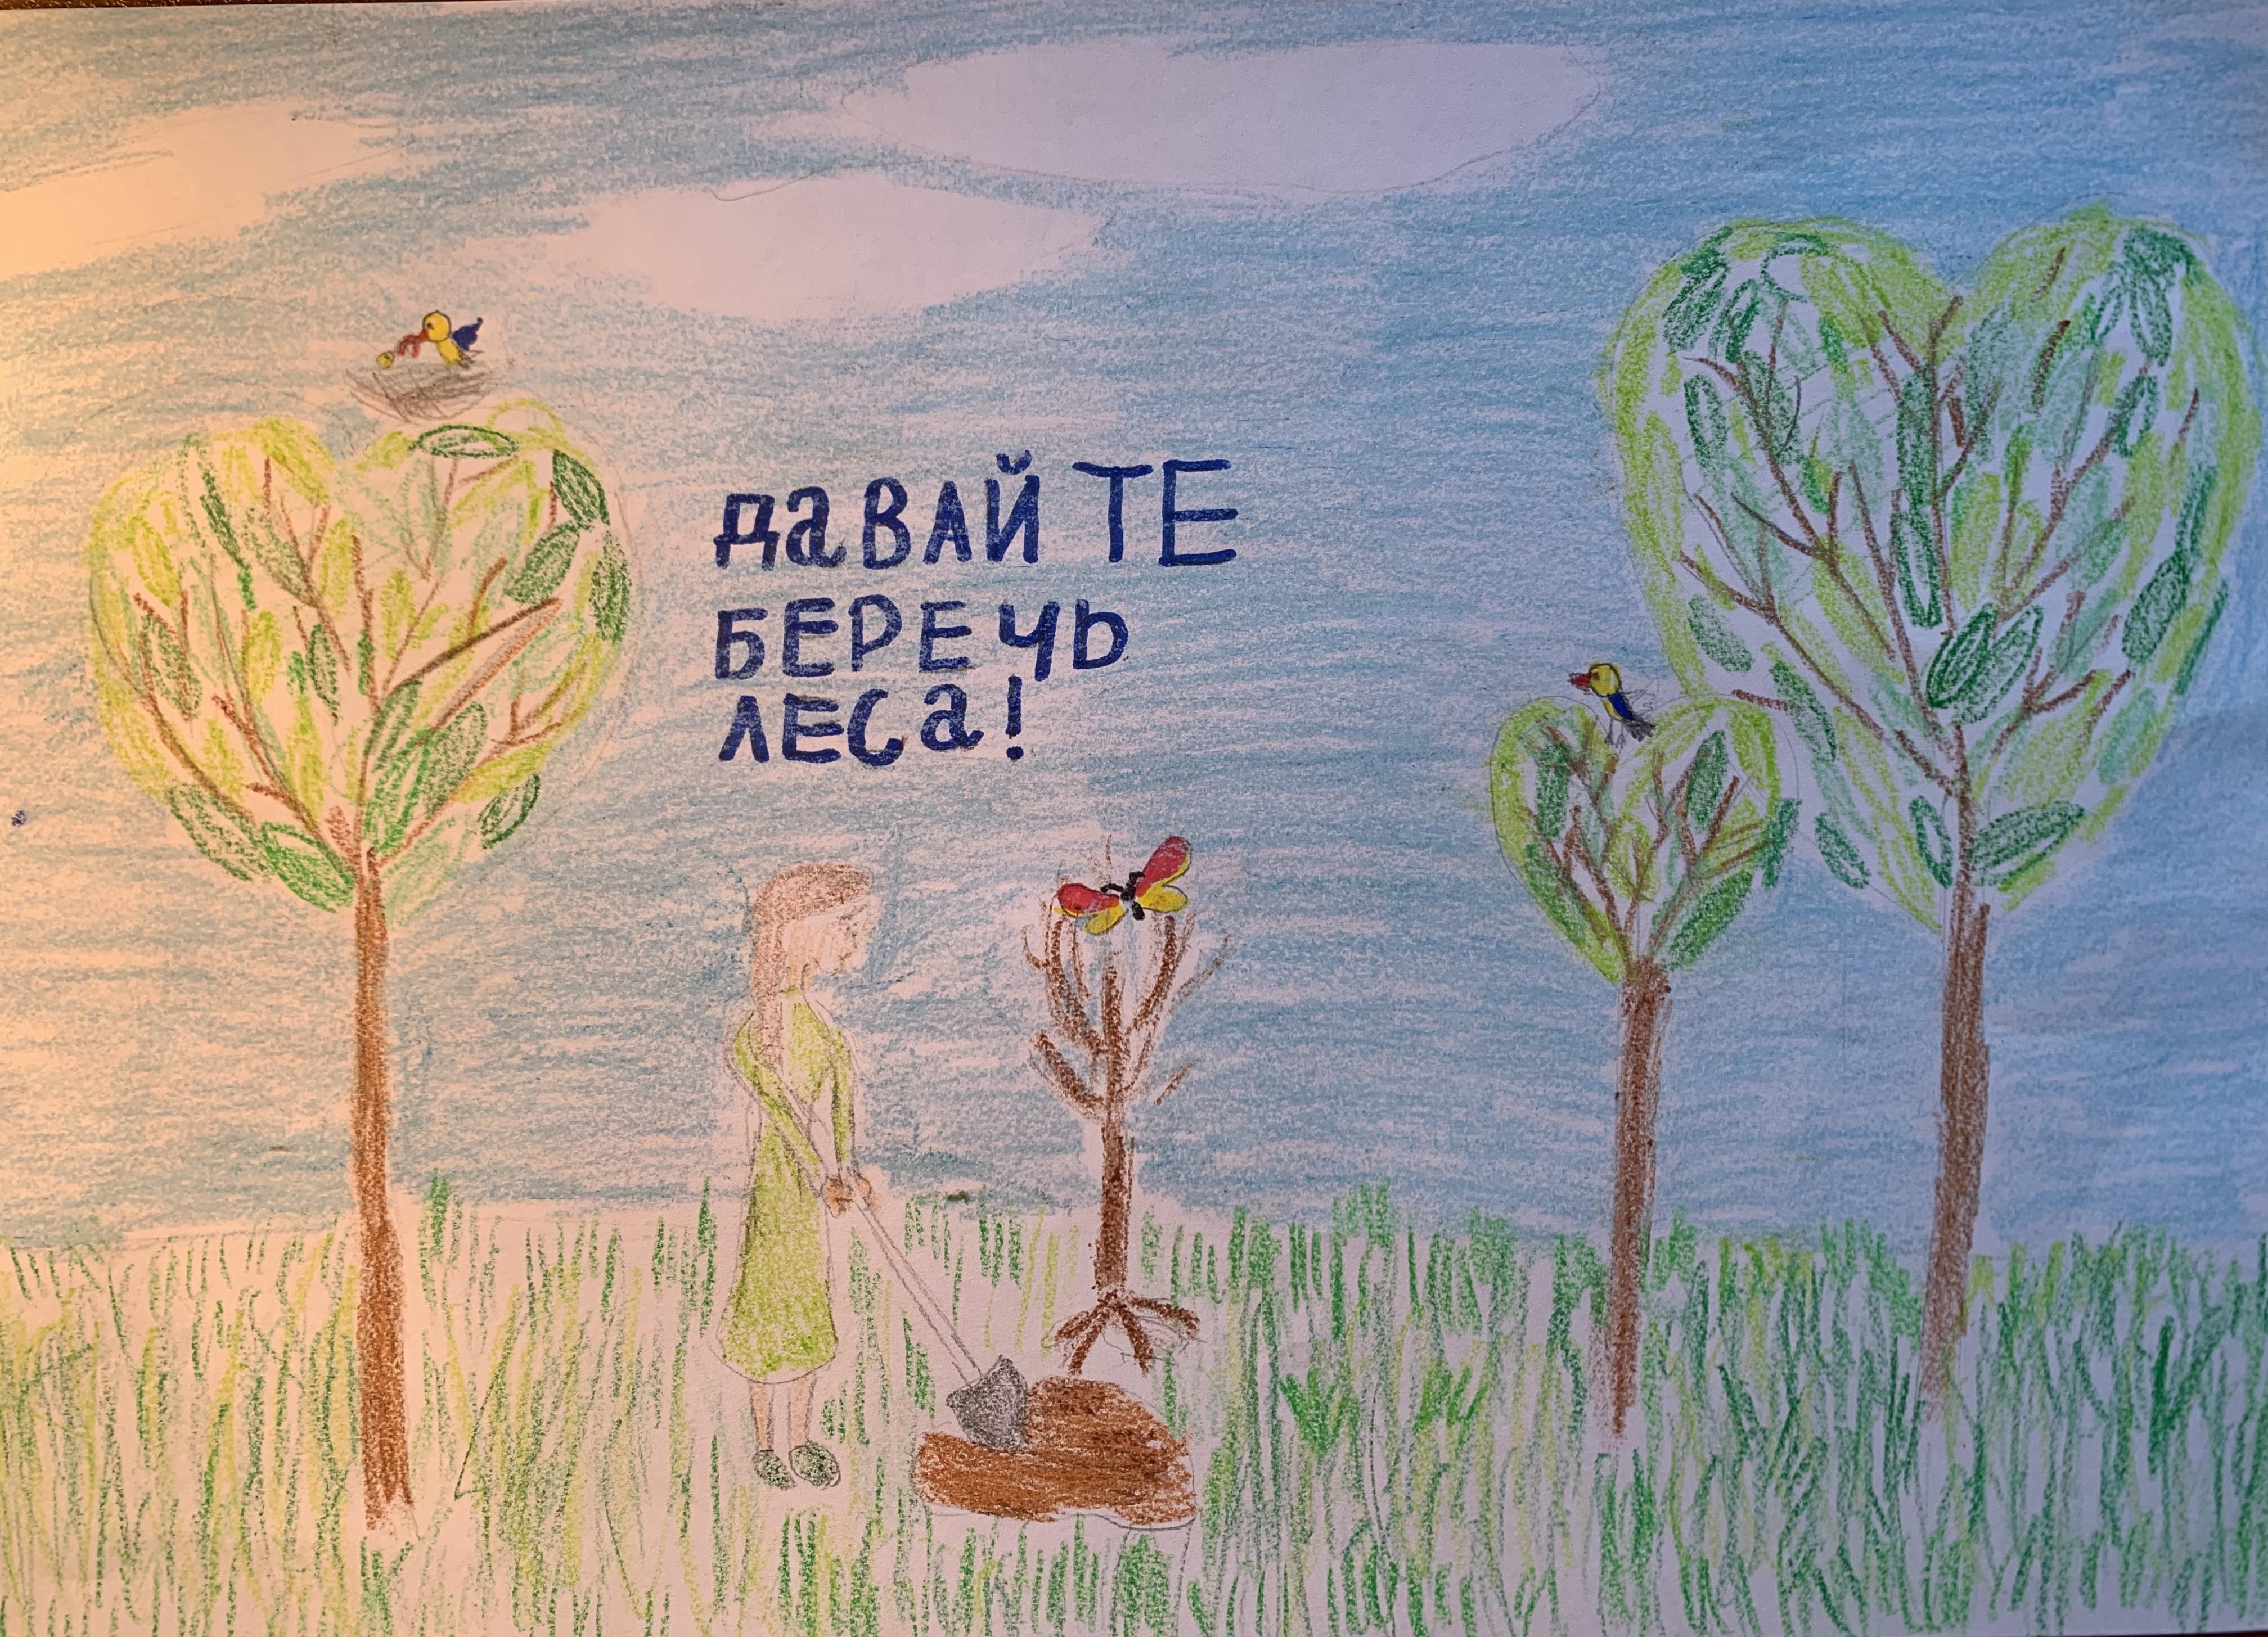 Давайте беречь леса. Копанева Евгения, 7 лет. II премия